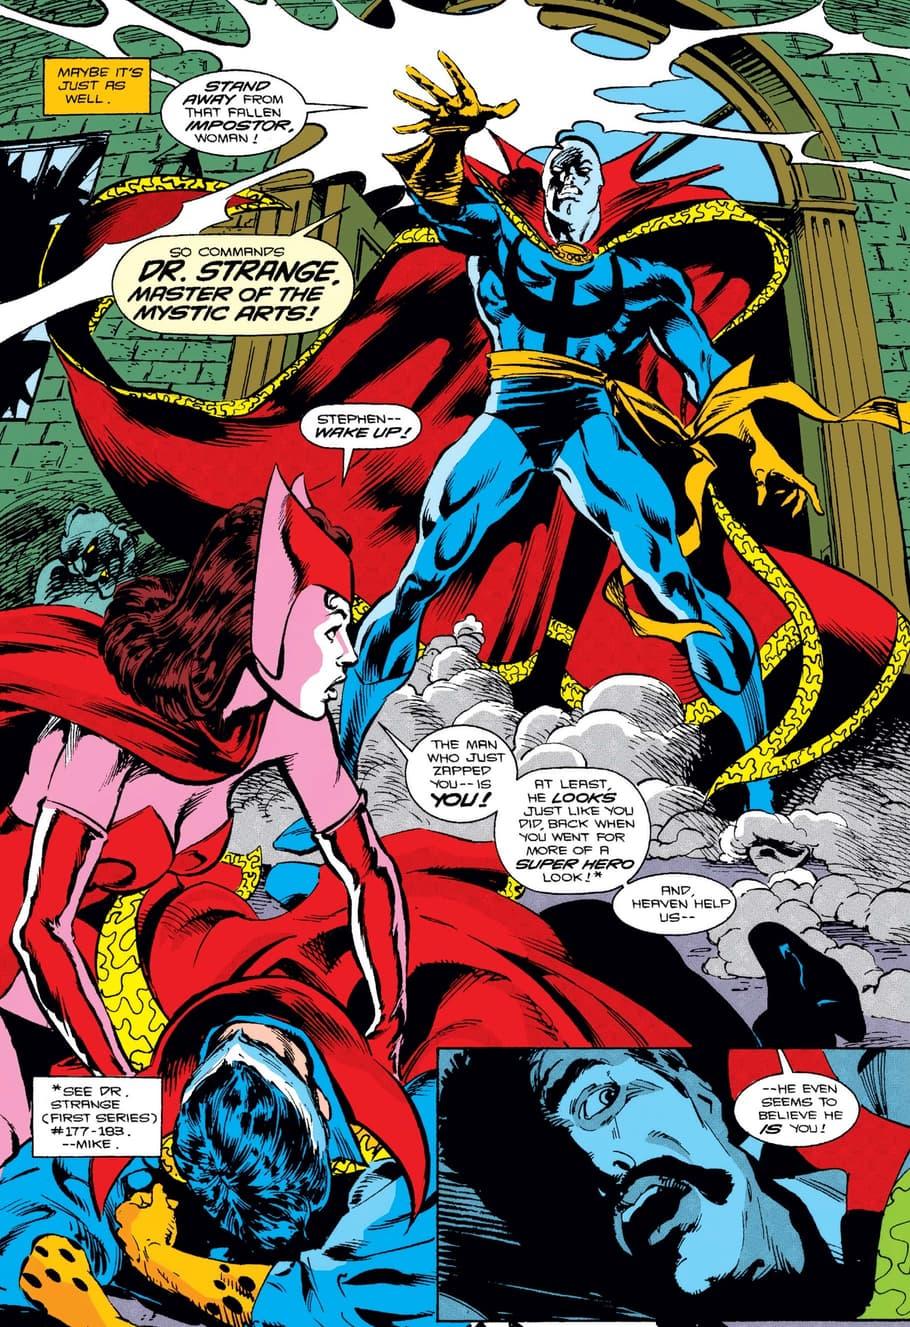 Doctor Strange versus the Necromancer in DOCTOR STRANGE, SORCERER SUPREME (1988) #46.